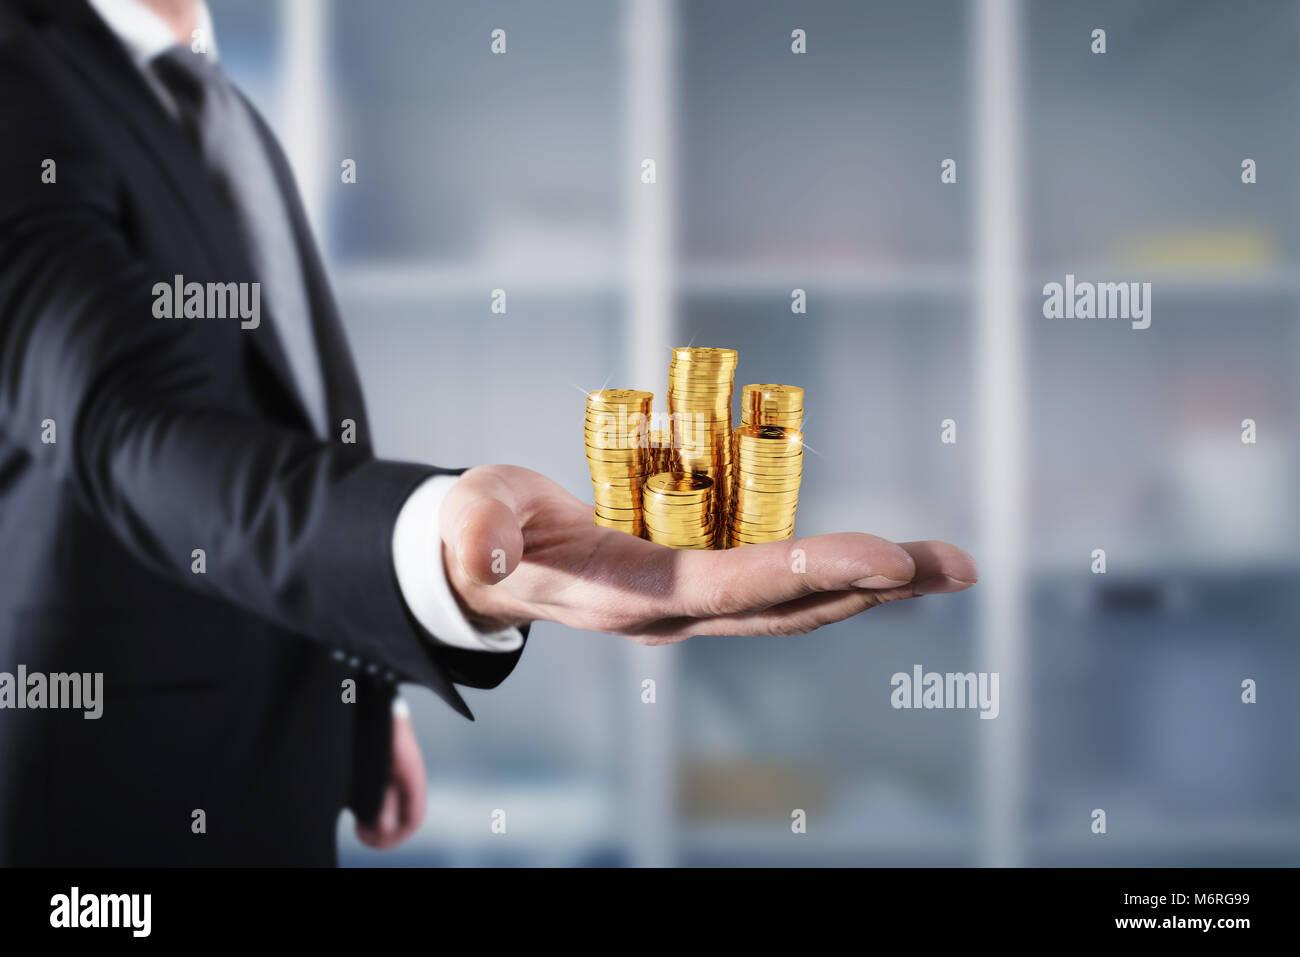 Businessman tenir des piles de l'argent. Concept de la réussite et la croissance de l'entreprise Photo Stock